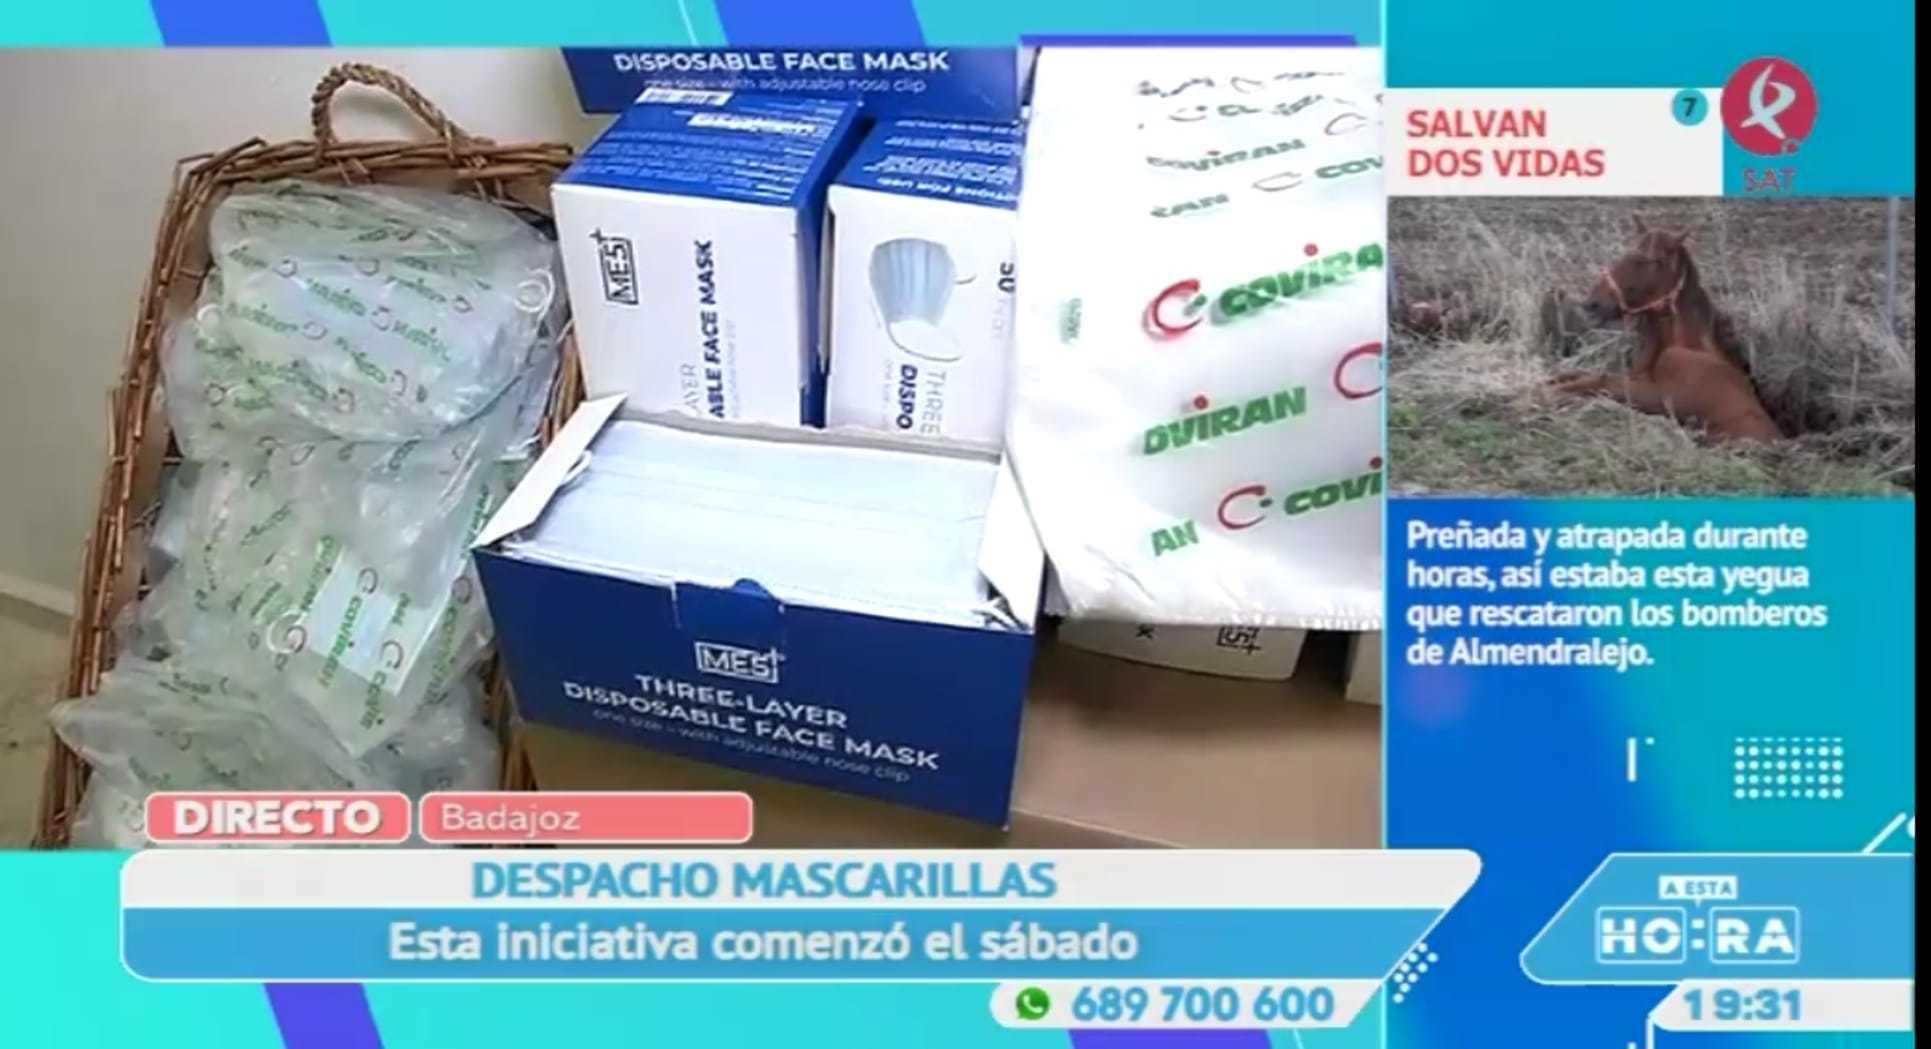 Un supermercado de Badajoz reparte mascarillas gratis entre sus clientes